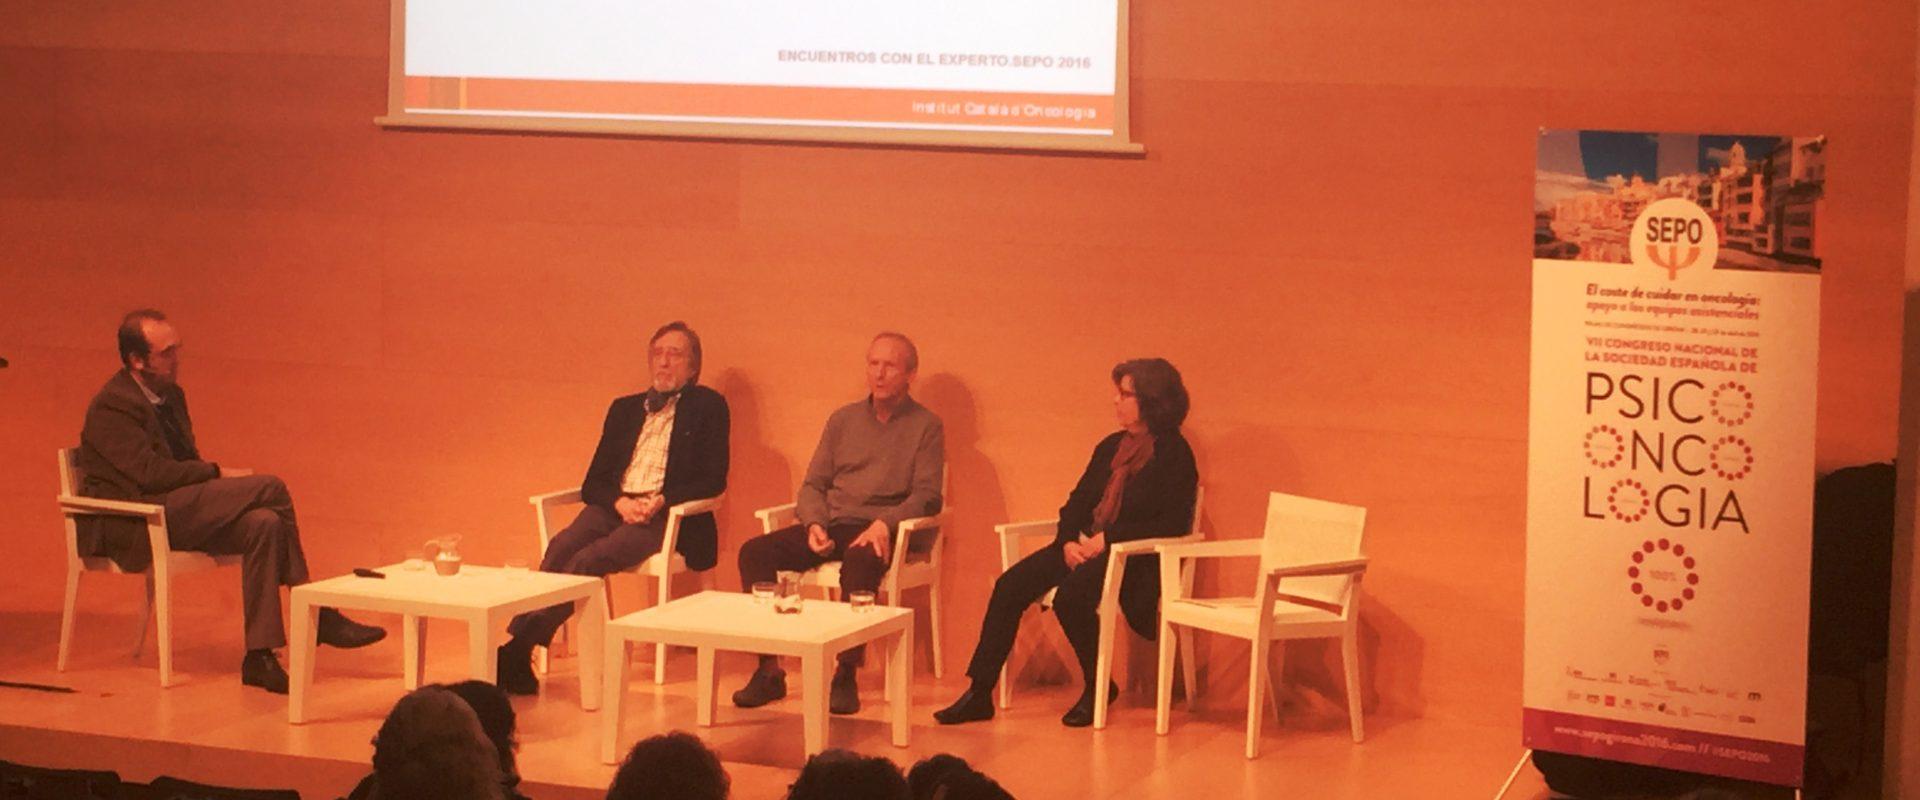 Congreso Sepo-Girona-2016-Anna Ollé